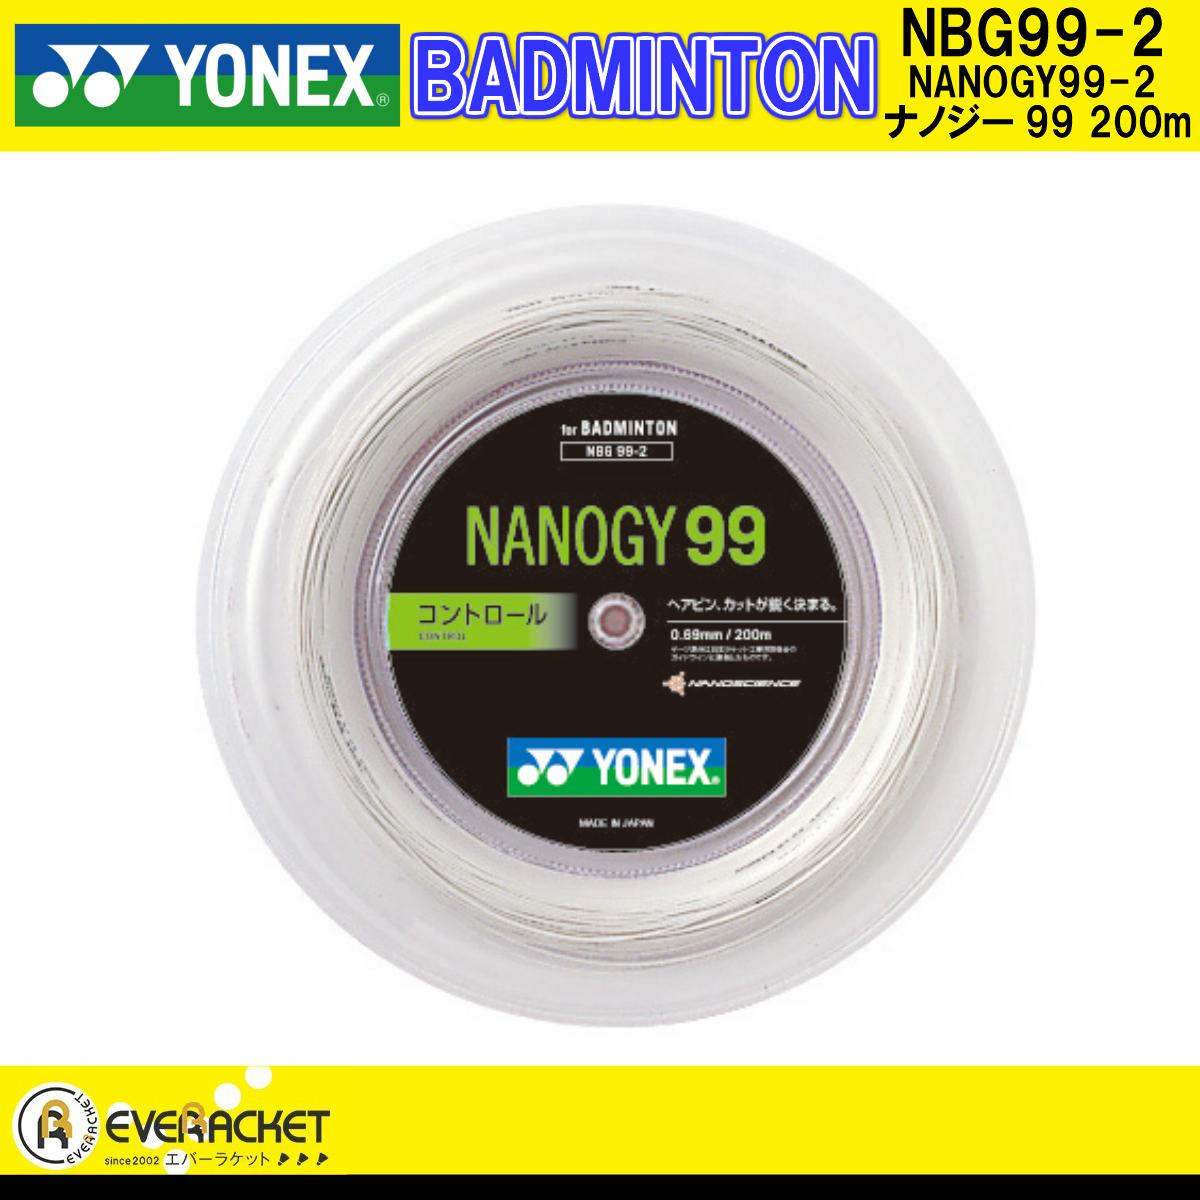 【スーパーSALE×ポイントアップ限定!ポイント5倍!9/4~9/11迄】【激安ガット】YONEX ヨネックス バドミントン バドミントンストリング ガット ナノジー99 200m NBG99-2